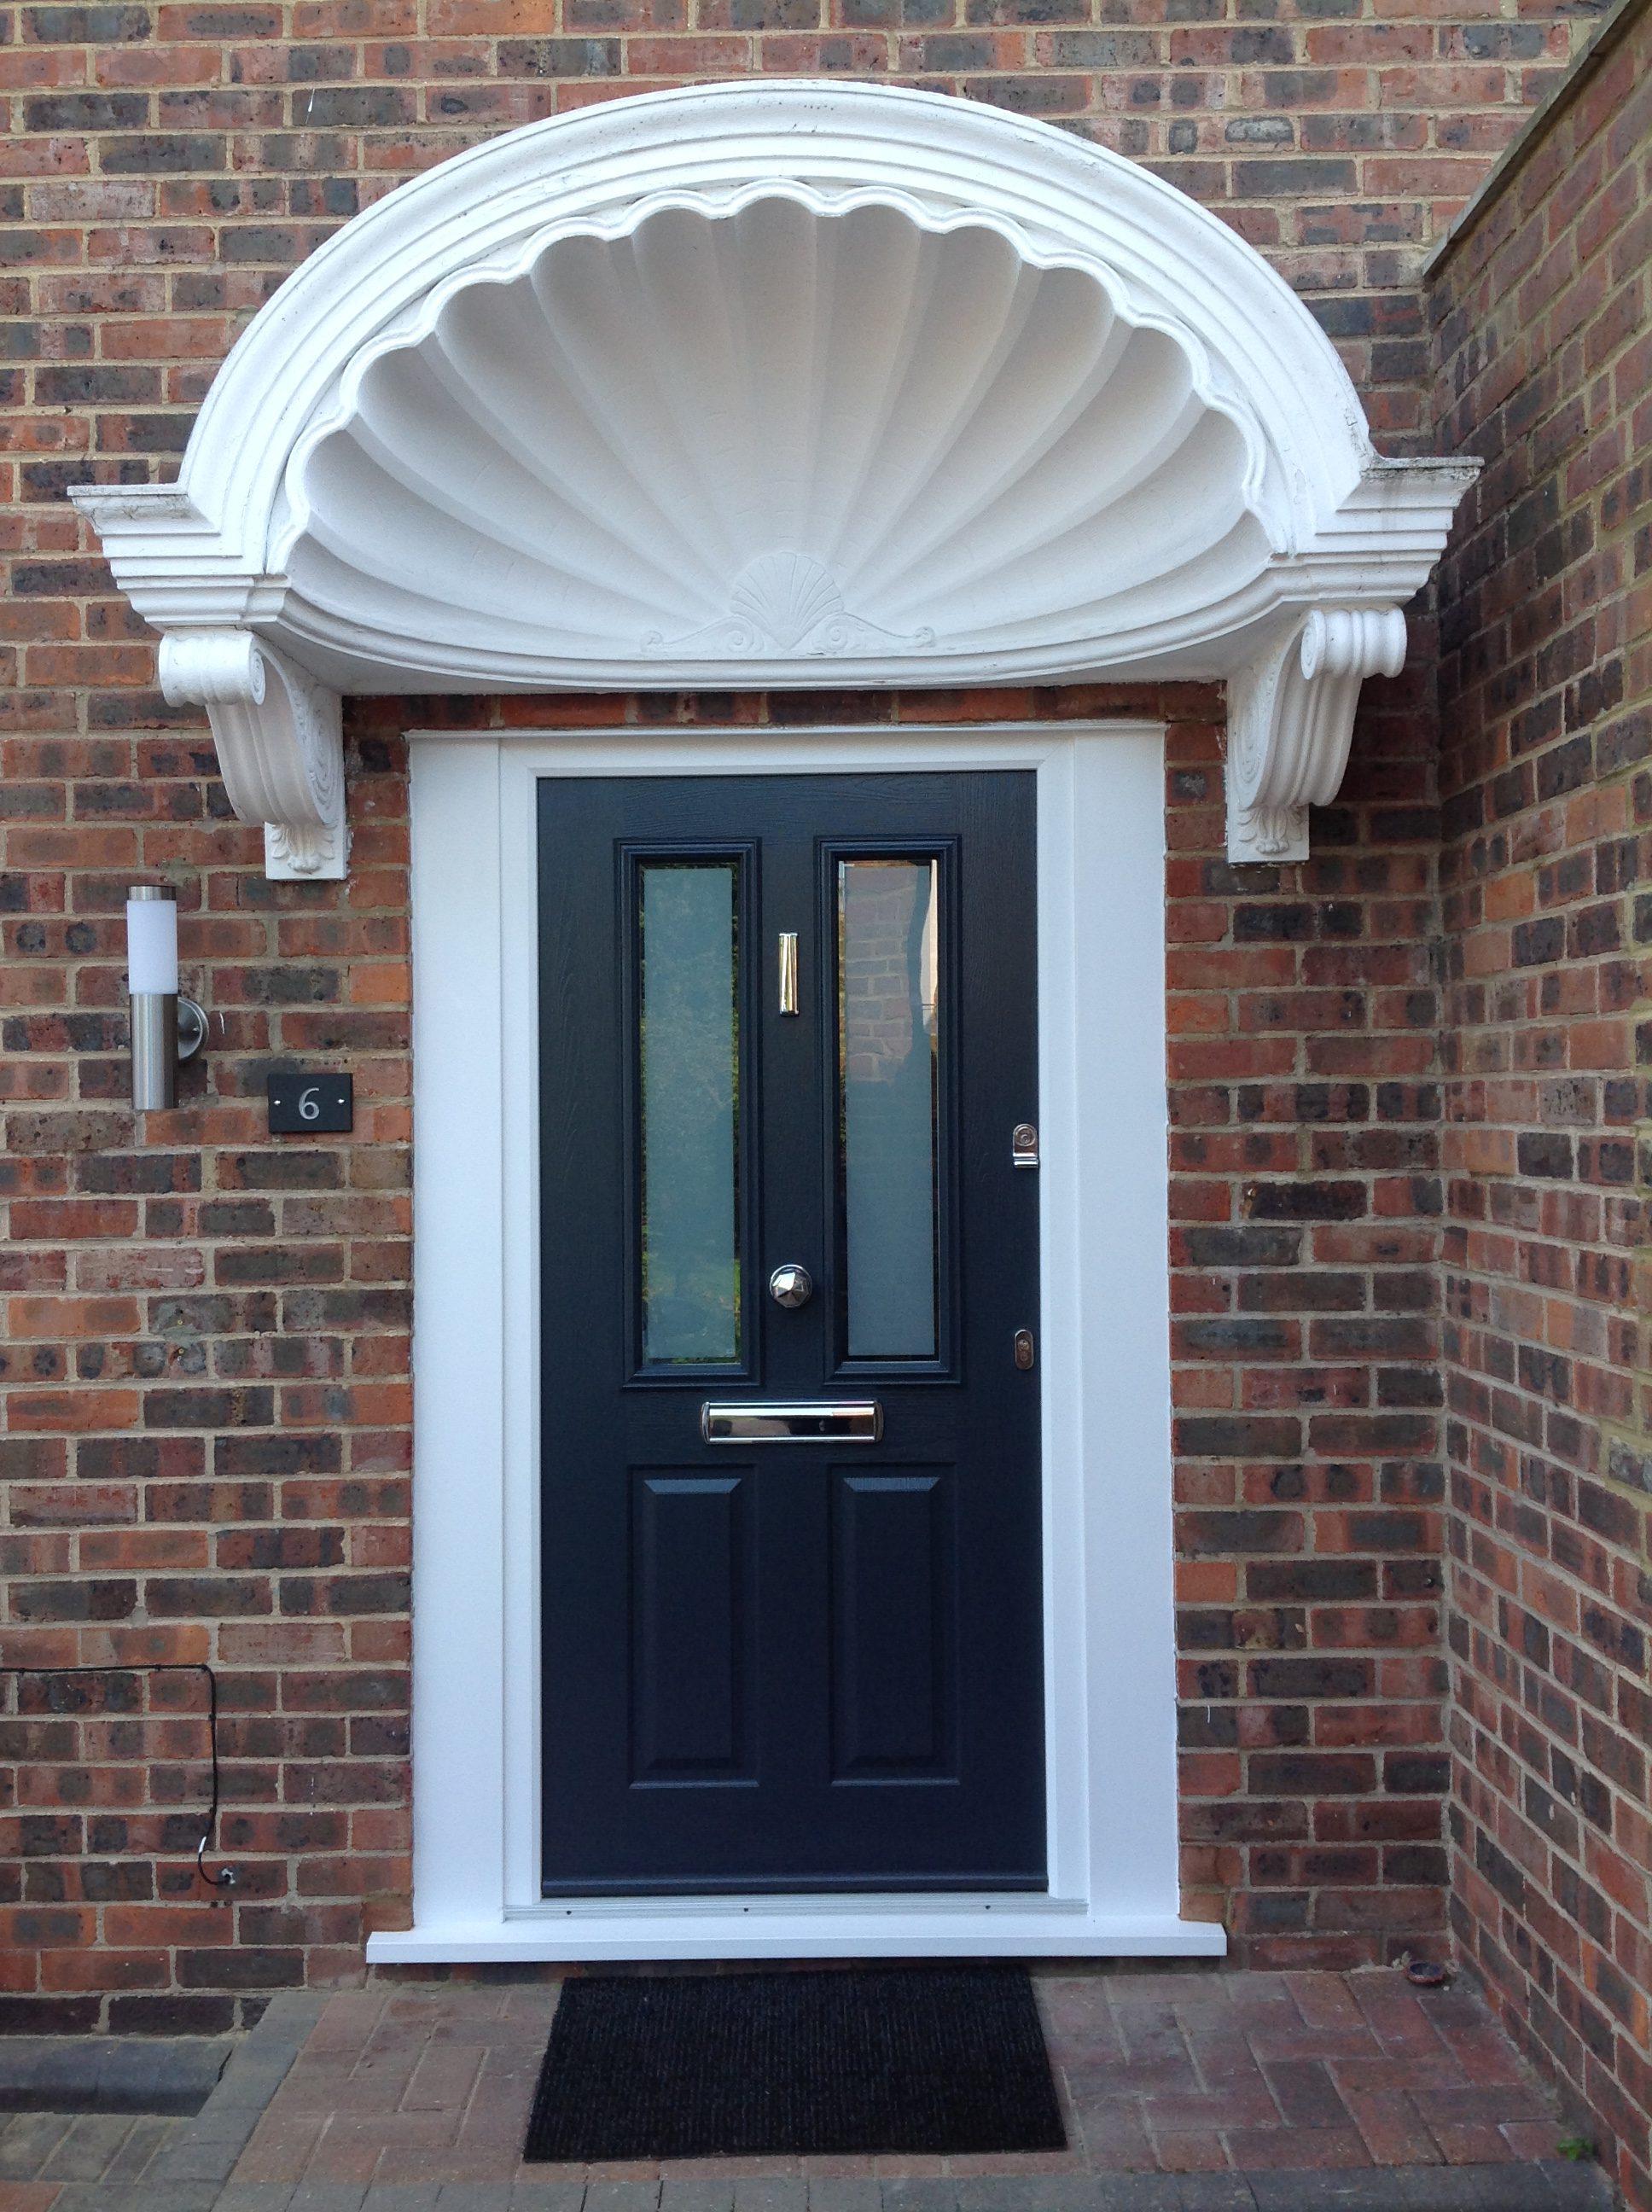 Solidor Composite Door Installations Silver Glass